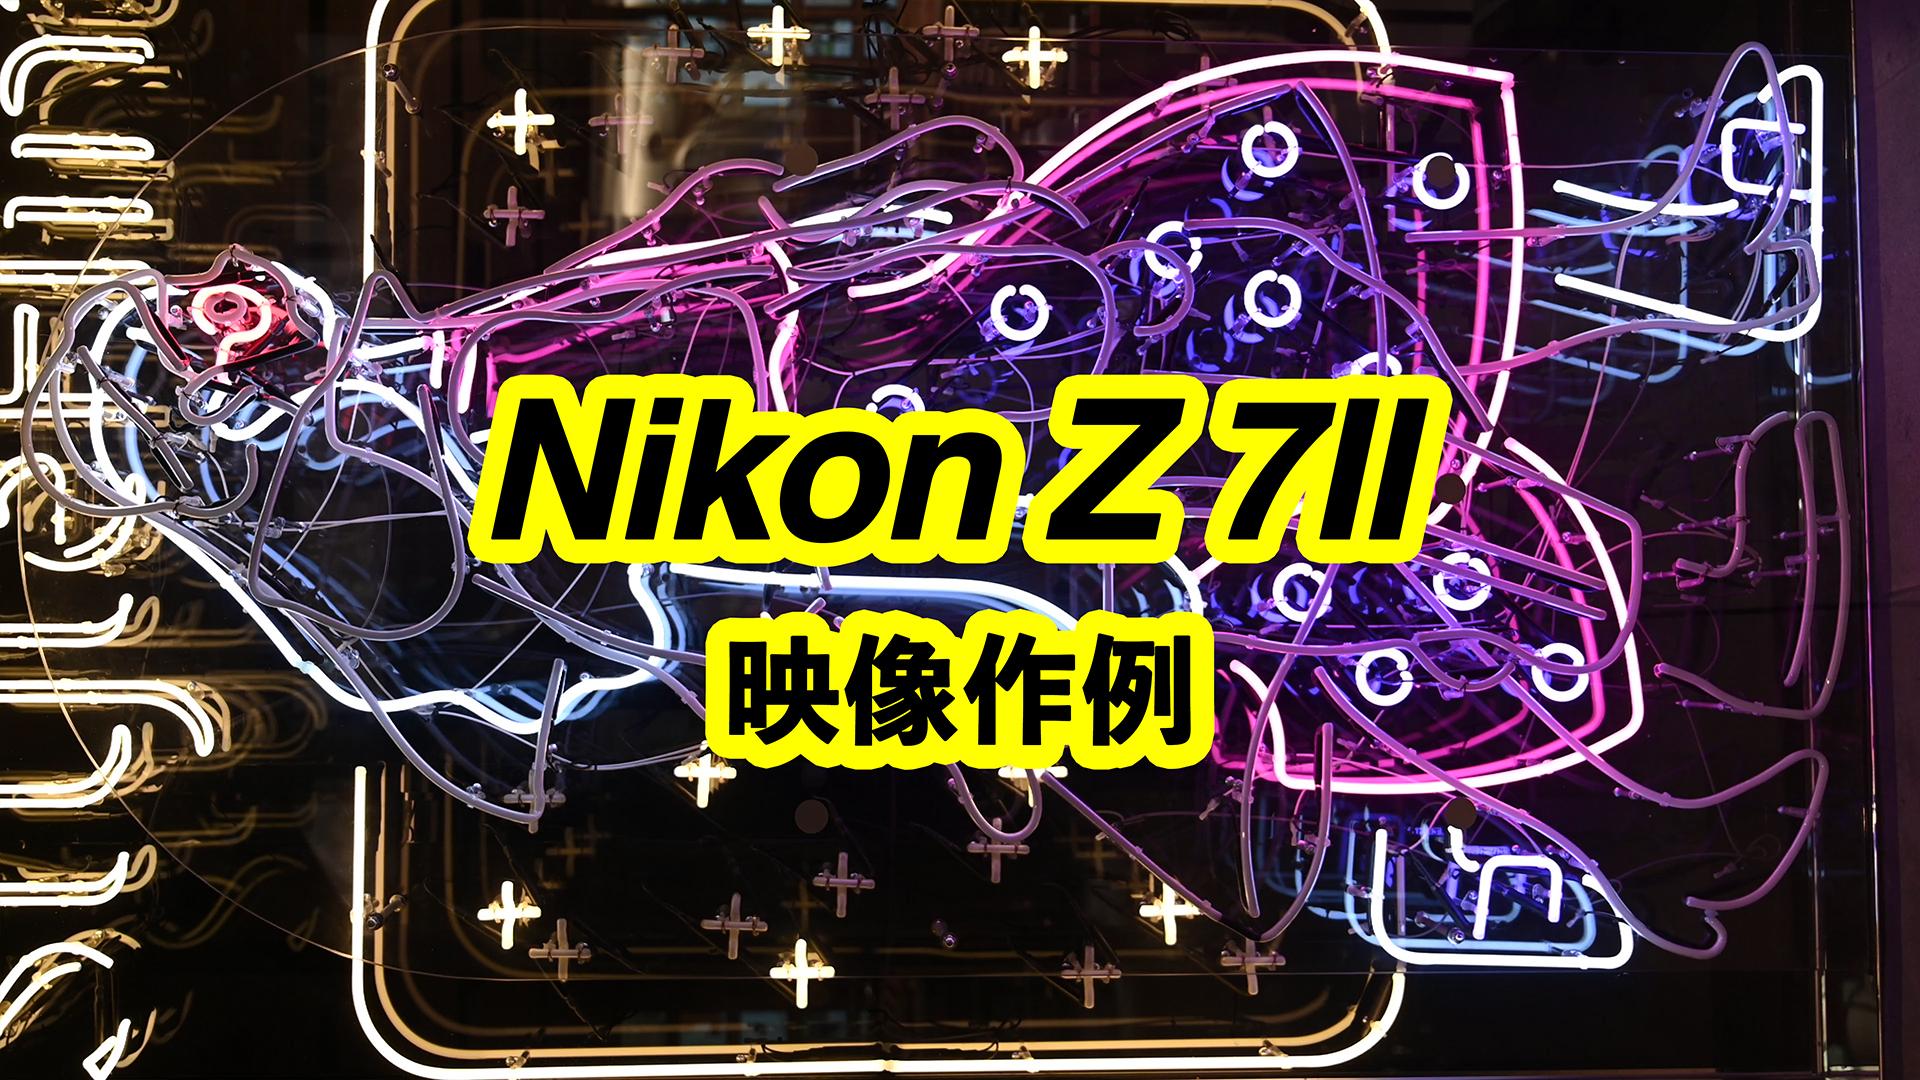 【映像作例】Nikon Z 7II【Vlog】